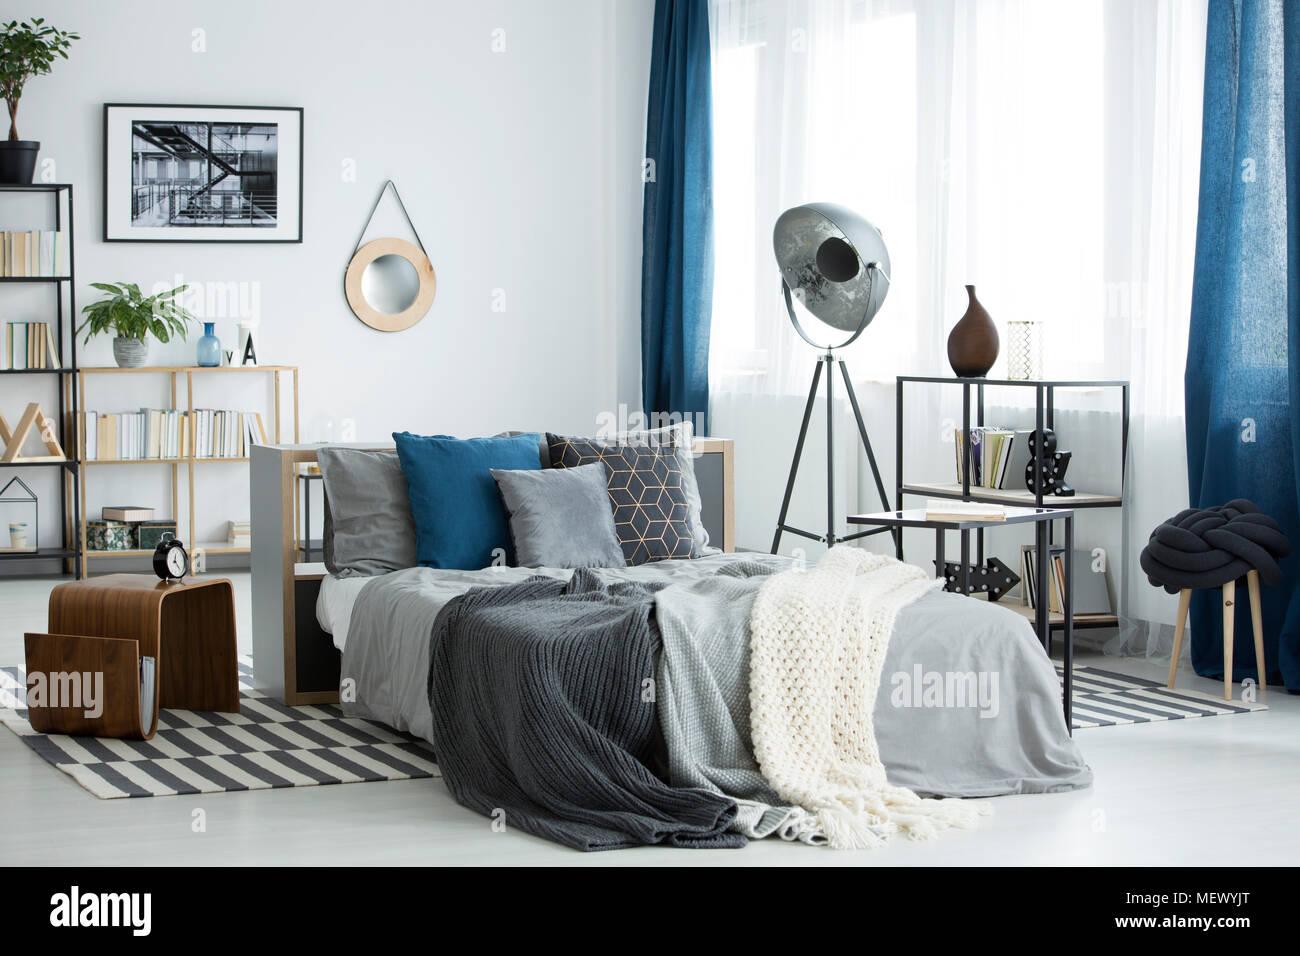 Grau Bettwasche Auf Bett Im Gemutlichen Schlafzimmer Innenraum Mit Lampe Und Pflanzen Auf Regale Mit Buchern Stockfotografie Alamy